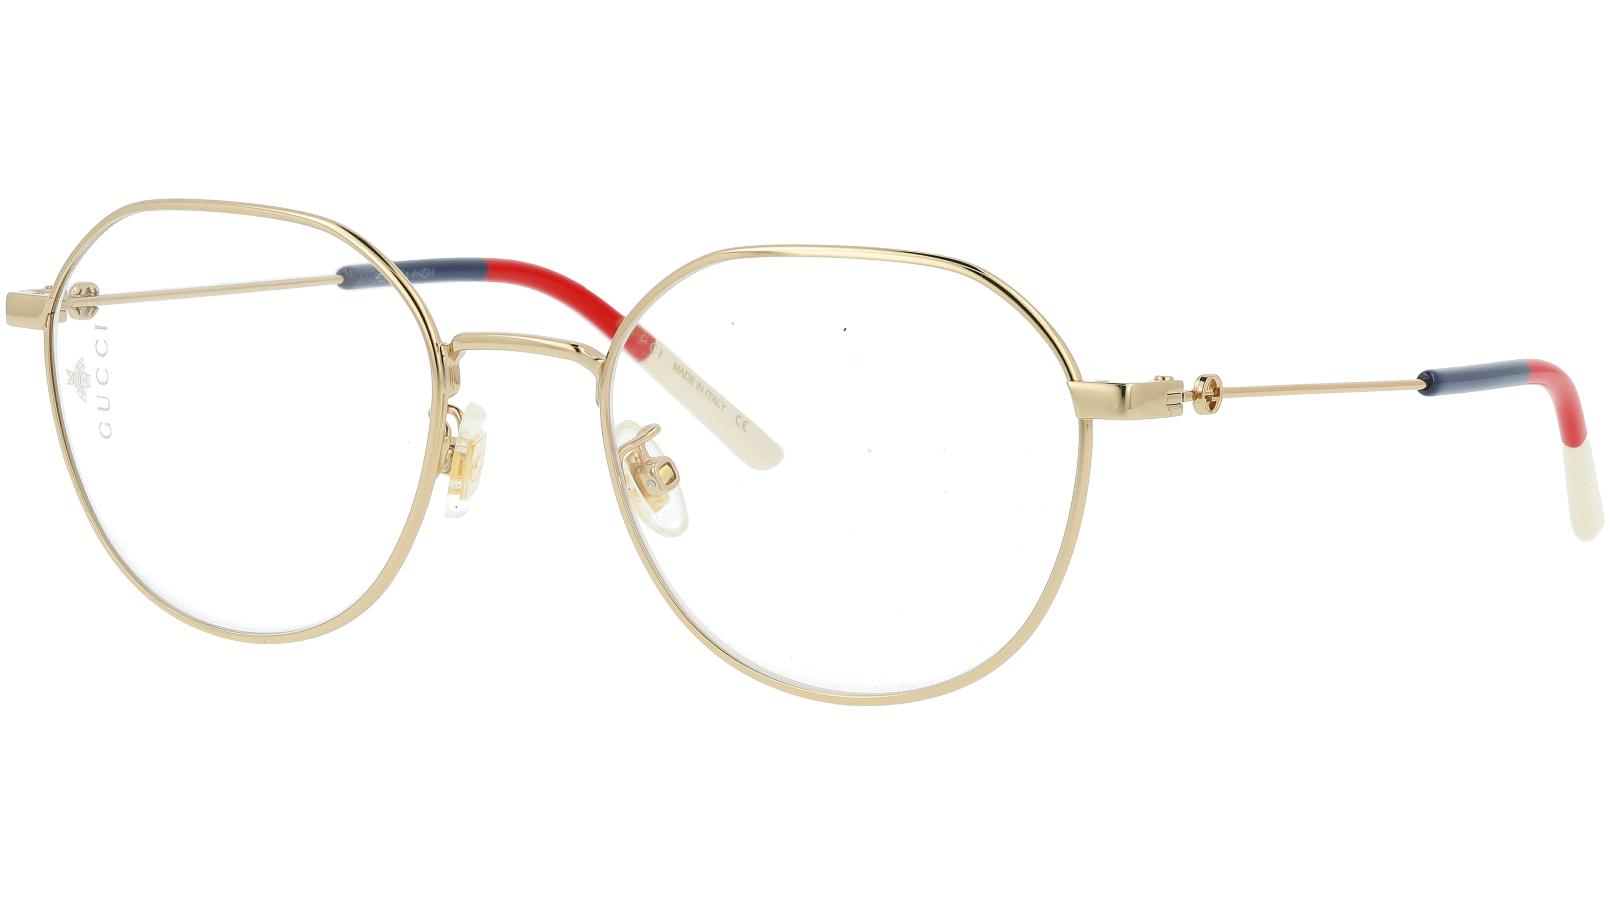 Gucci GG0684O 003 51 Gold Oval Glasses